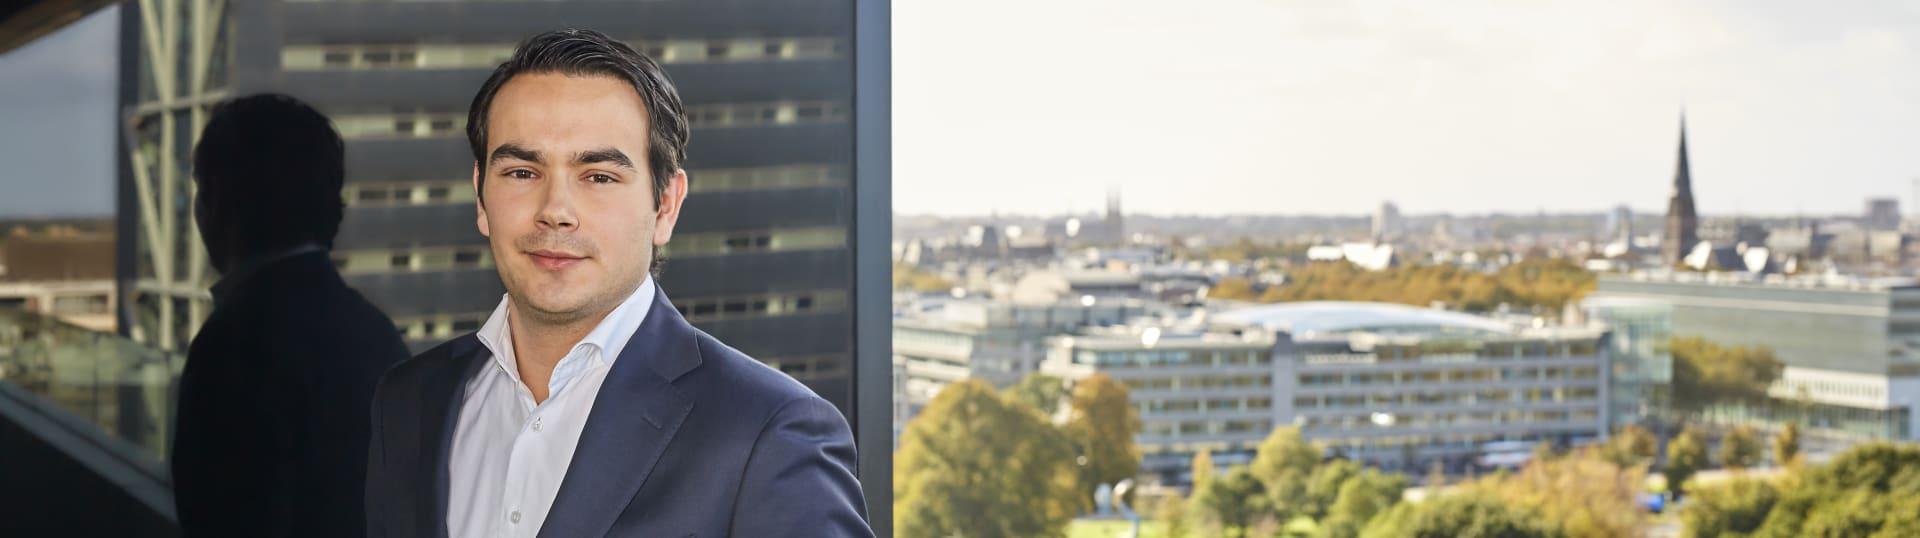 Joost Poorthuis, advocaat Pels Rijcken